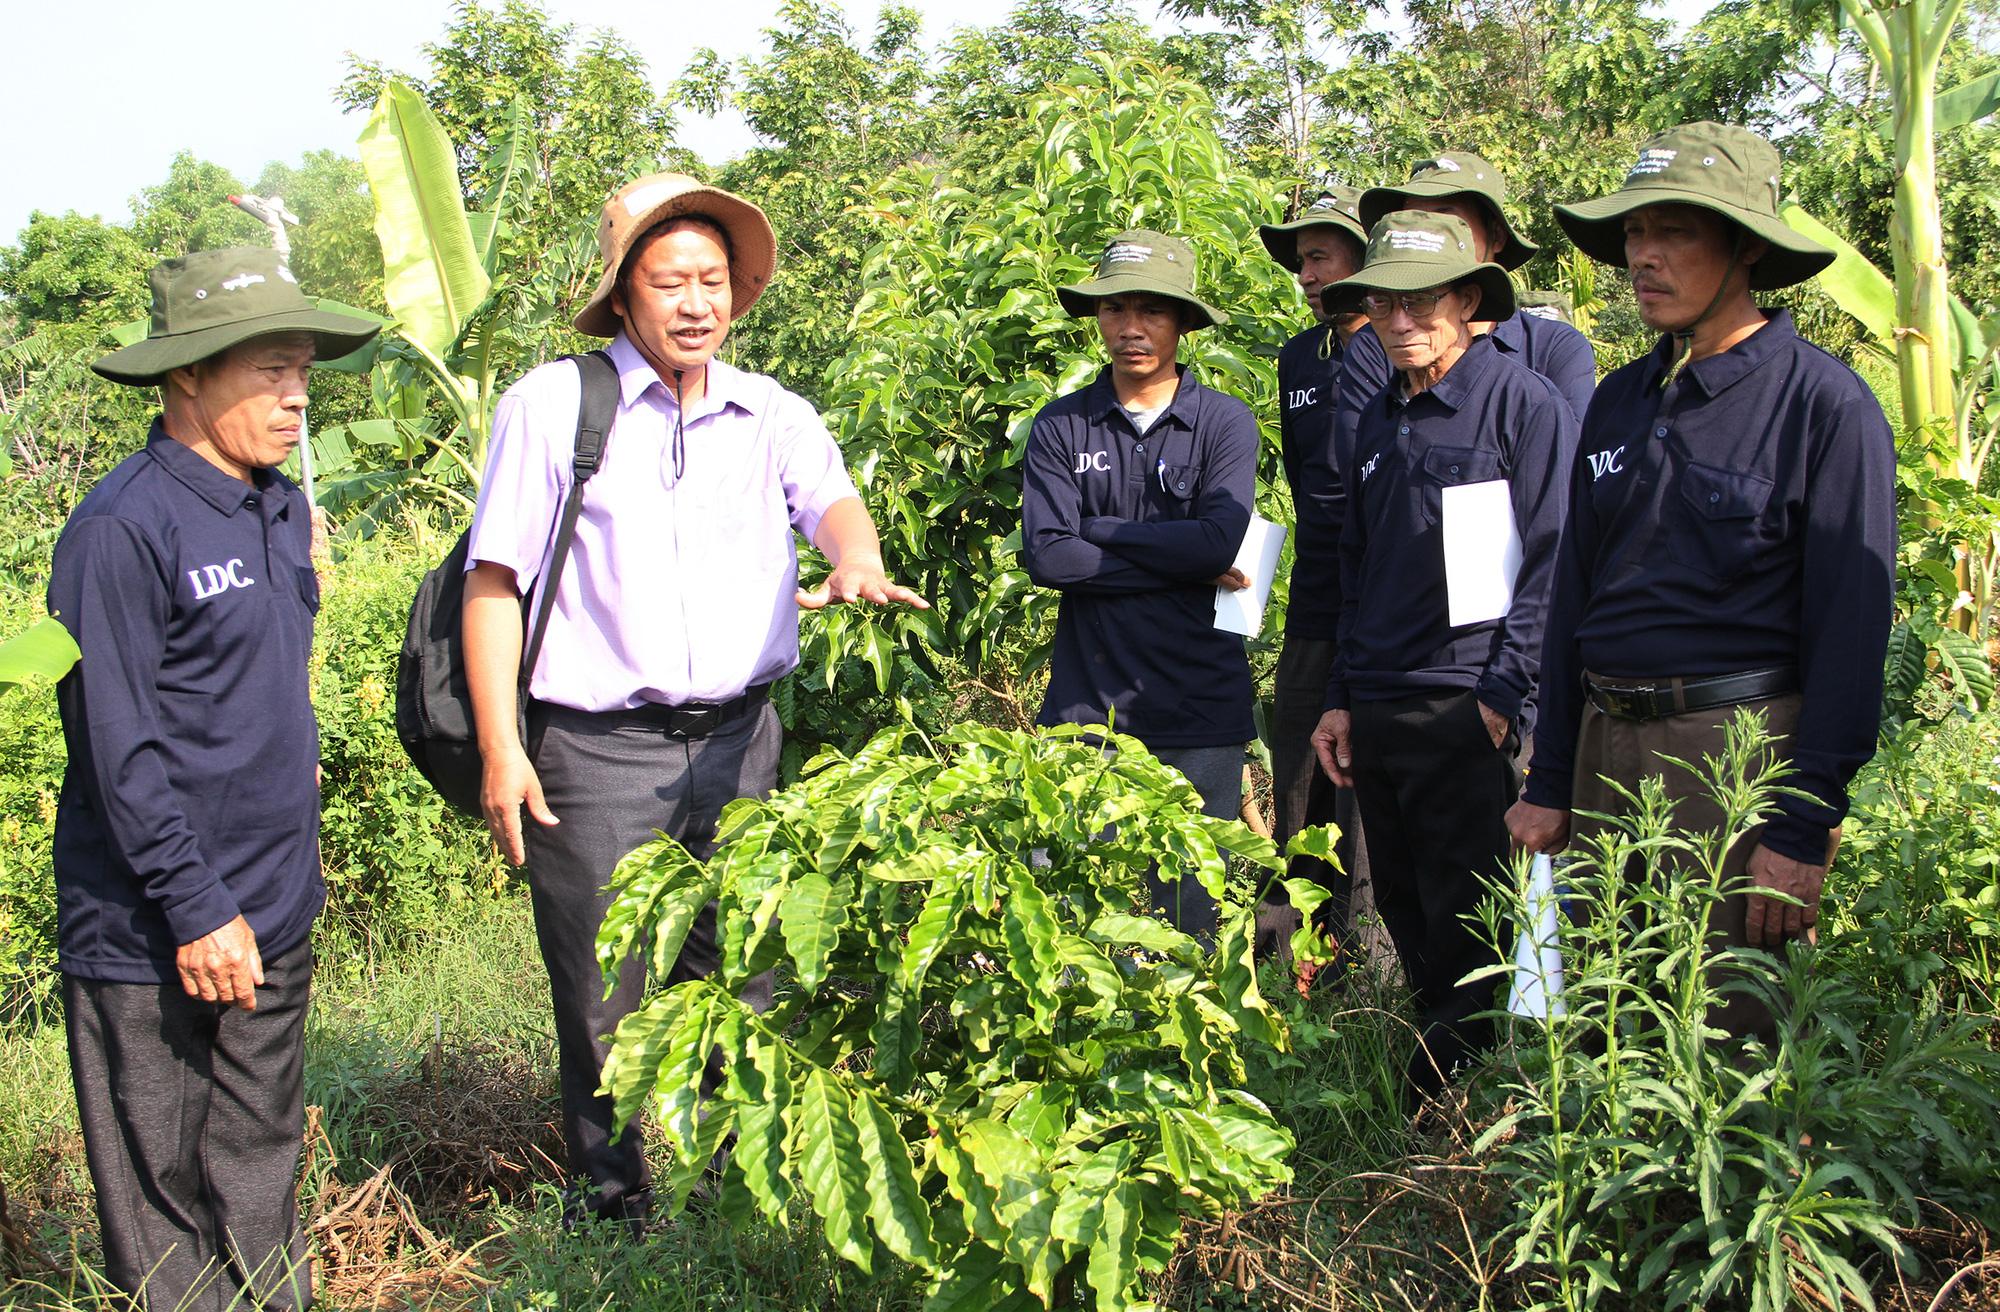 Chương trình cảnh quan bền vững giảm chi phí, tăng thu nhập cho nông dân - Ảnh 1.